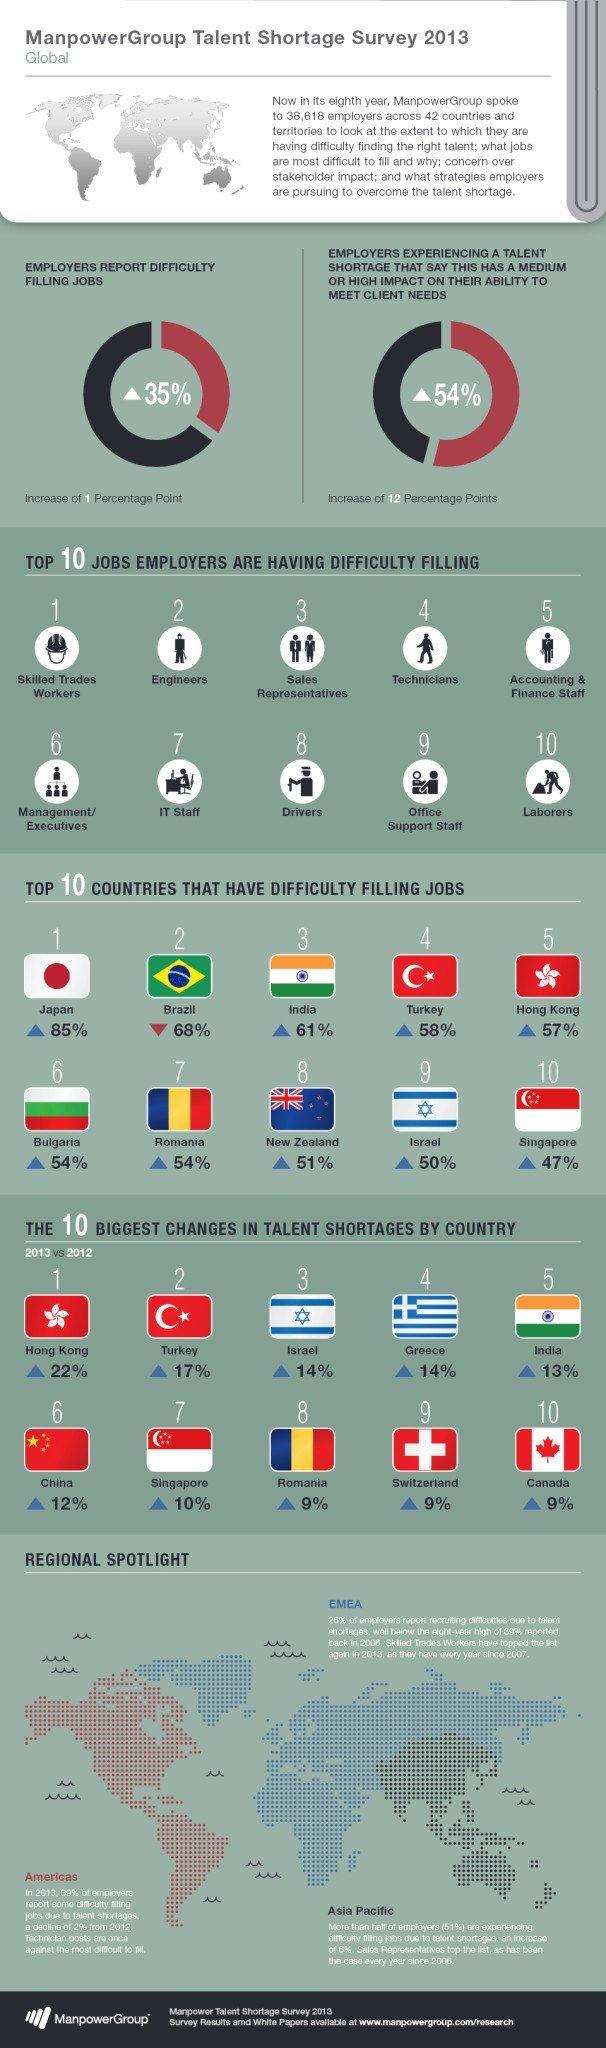 Το προσωπικό για διοικητική και γραμματειακή υποστήριξη βρέθηκε στην 8η θέση της λίστας θέσεων με τη μεγαλύτερη δυσκολία κάλυψης στην Ελλάδα (και στην 9η θέση διεθνώς), στο Talent Shortage Survey της Manpower για το 2013.